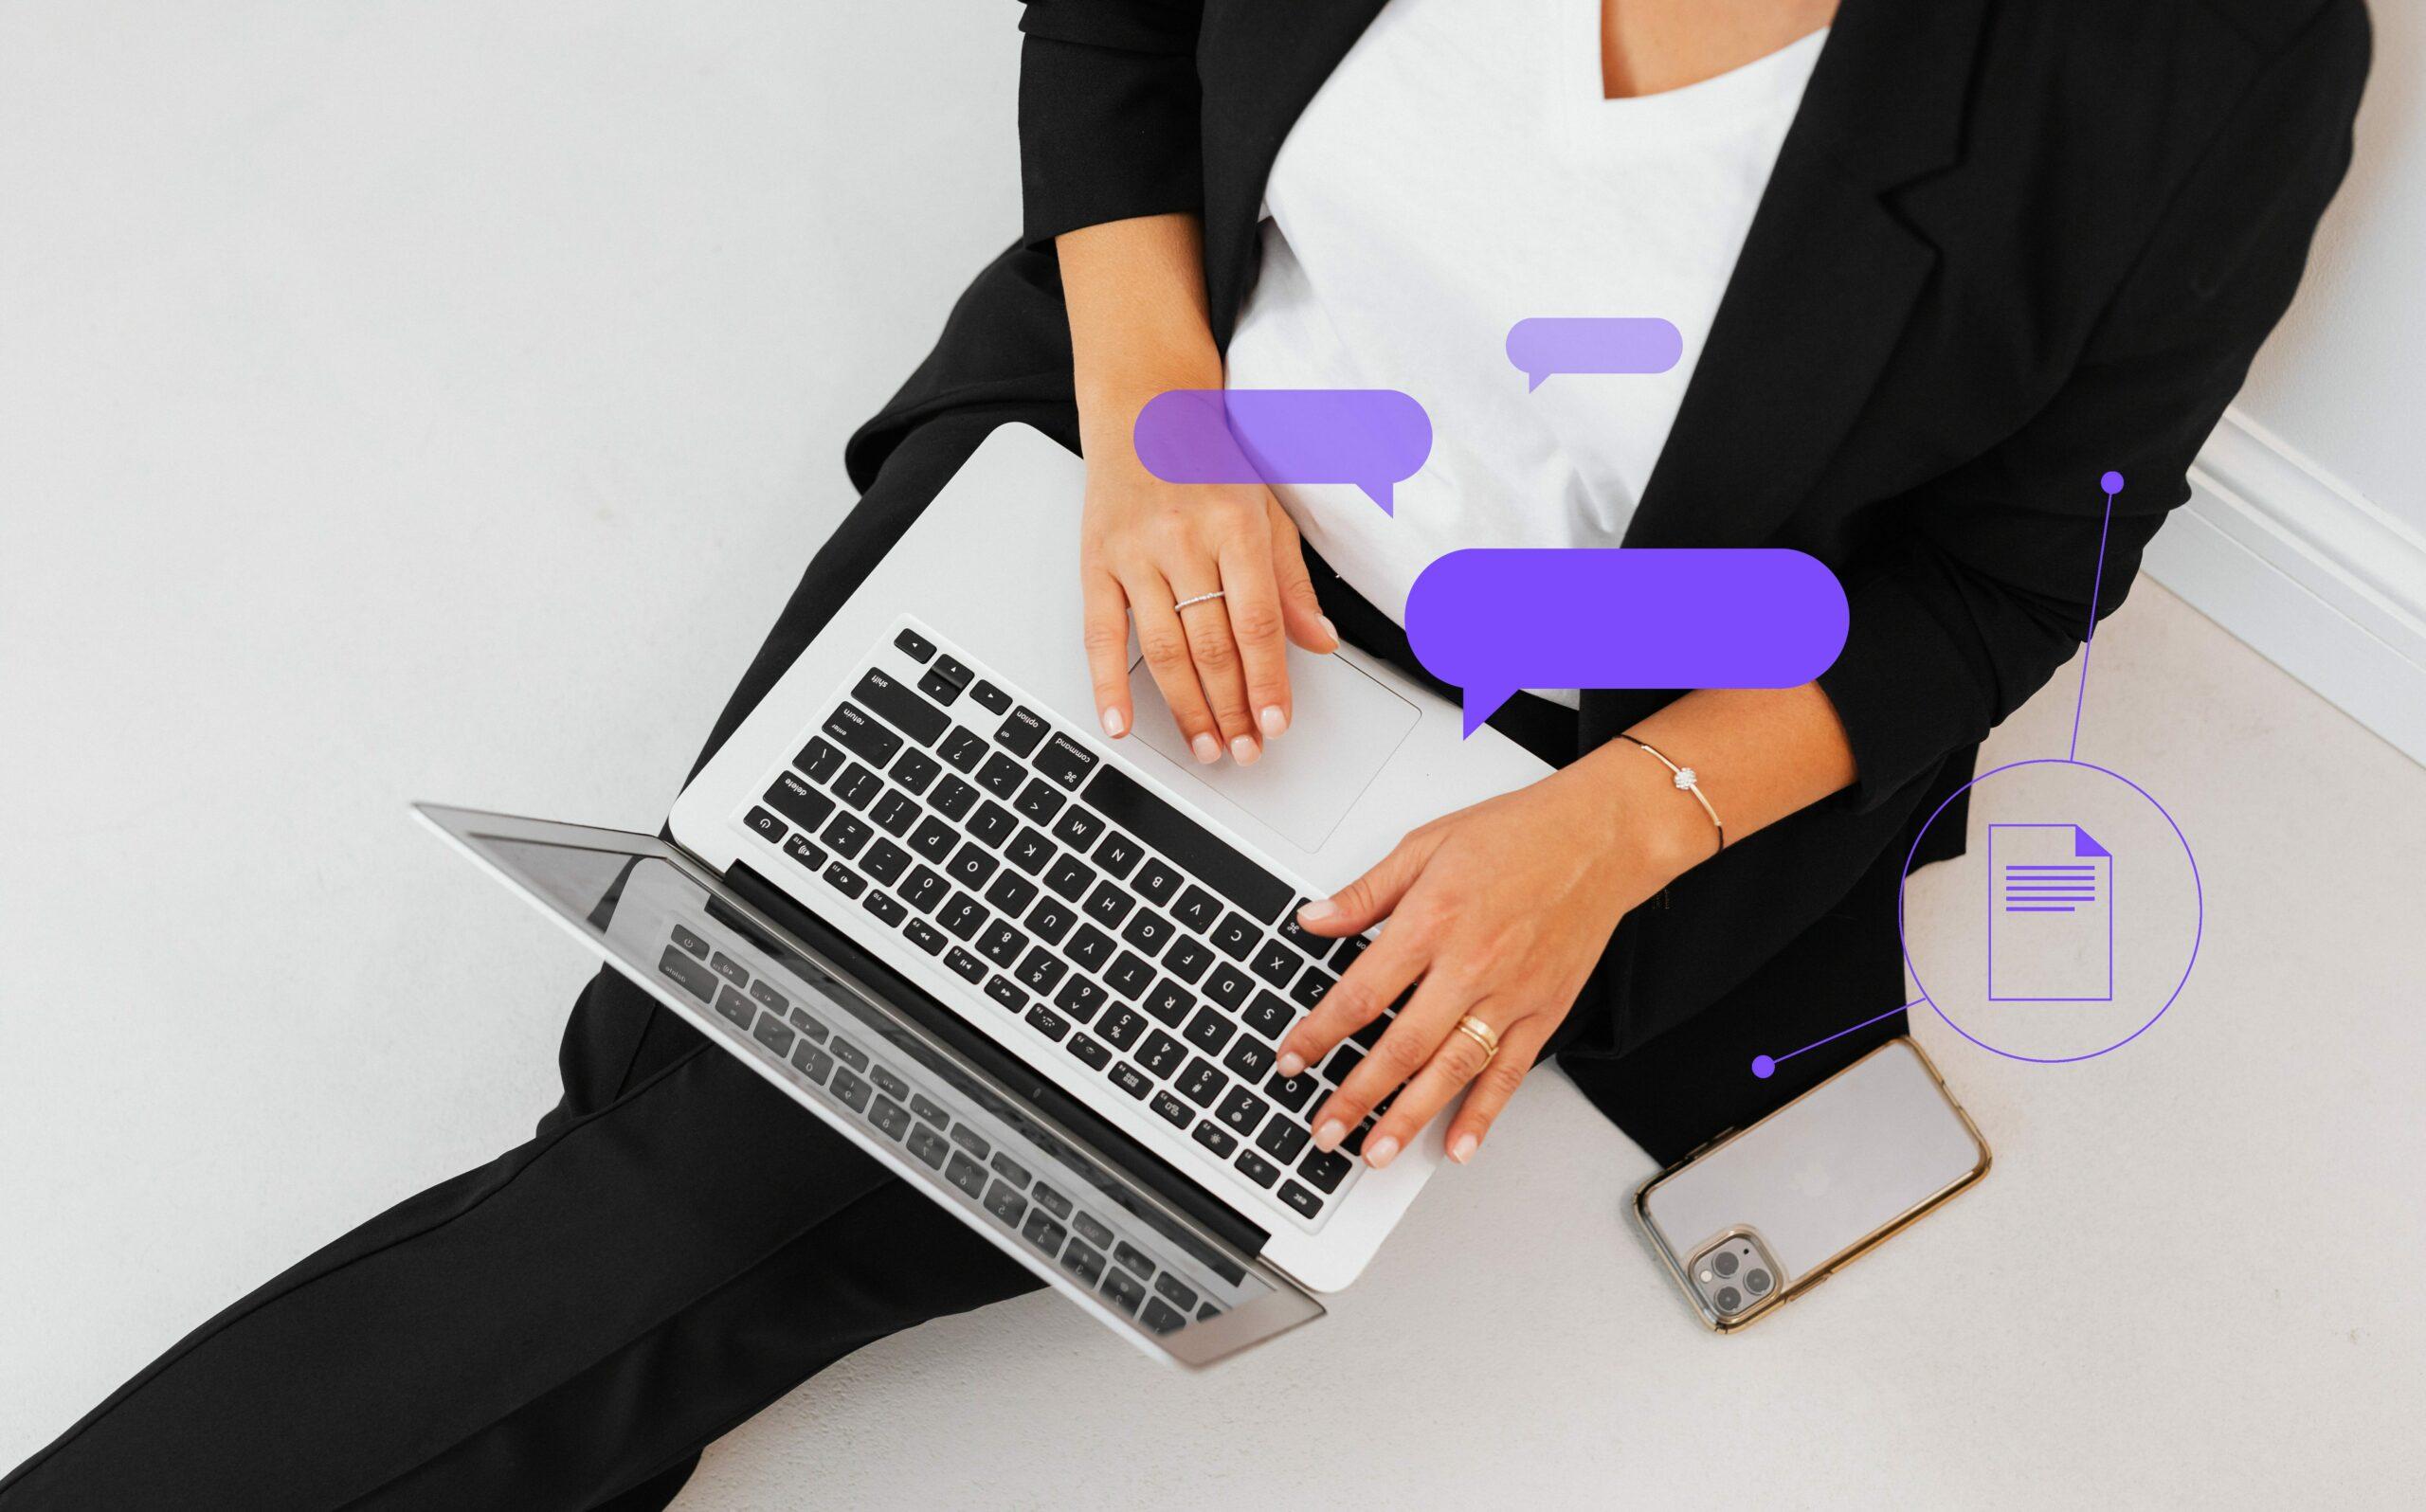 dziewczyna, korespondencja biznesowa przez laptop i telefon